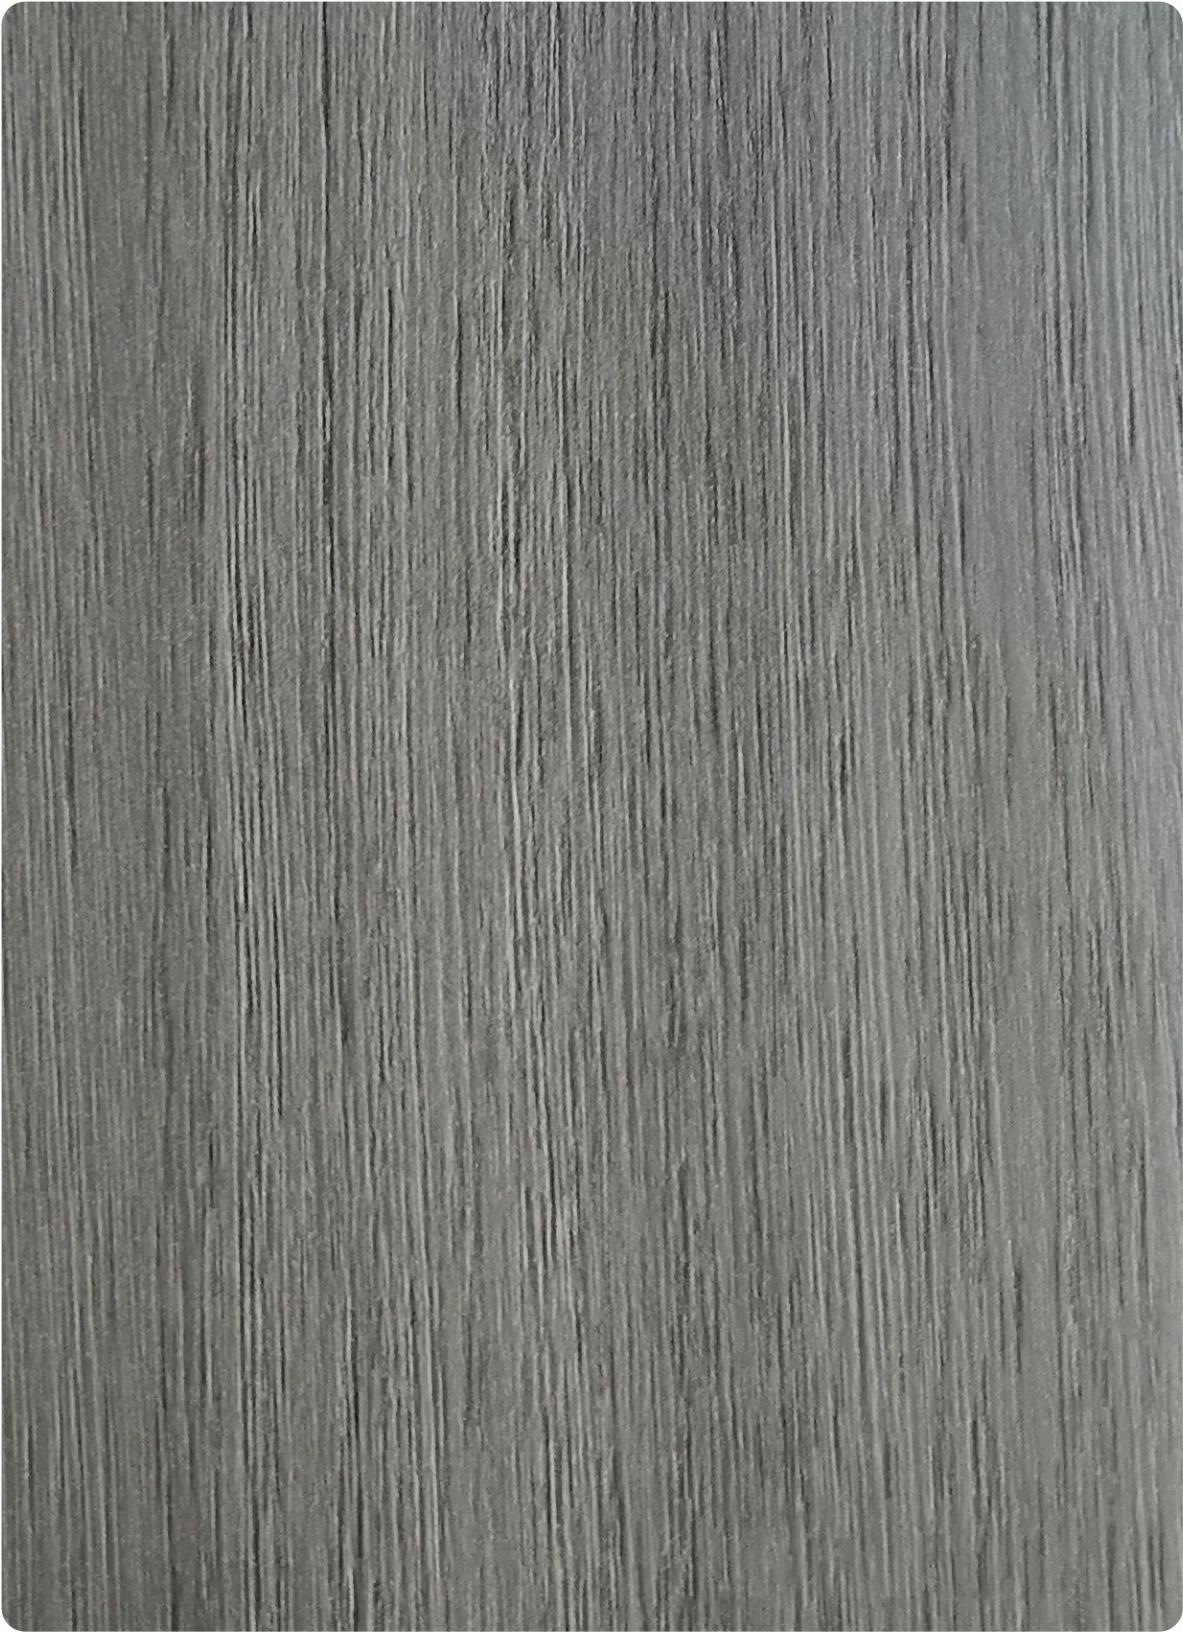 颜色名称:GFD-067木曾桧.jpg